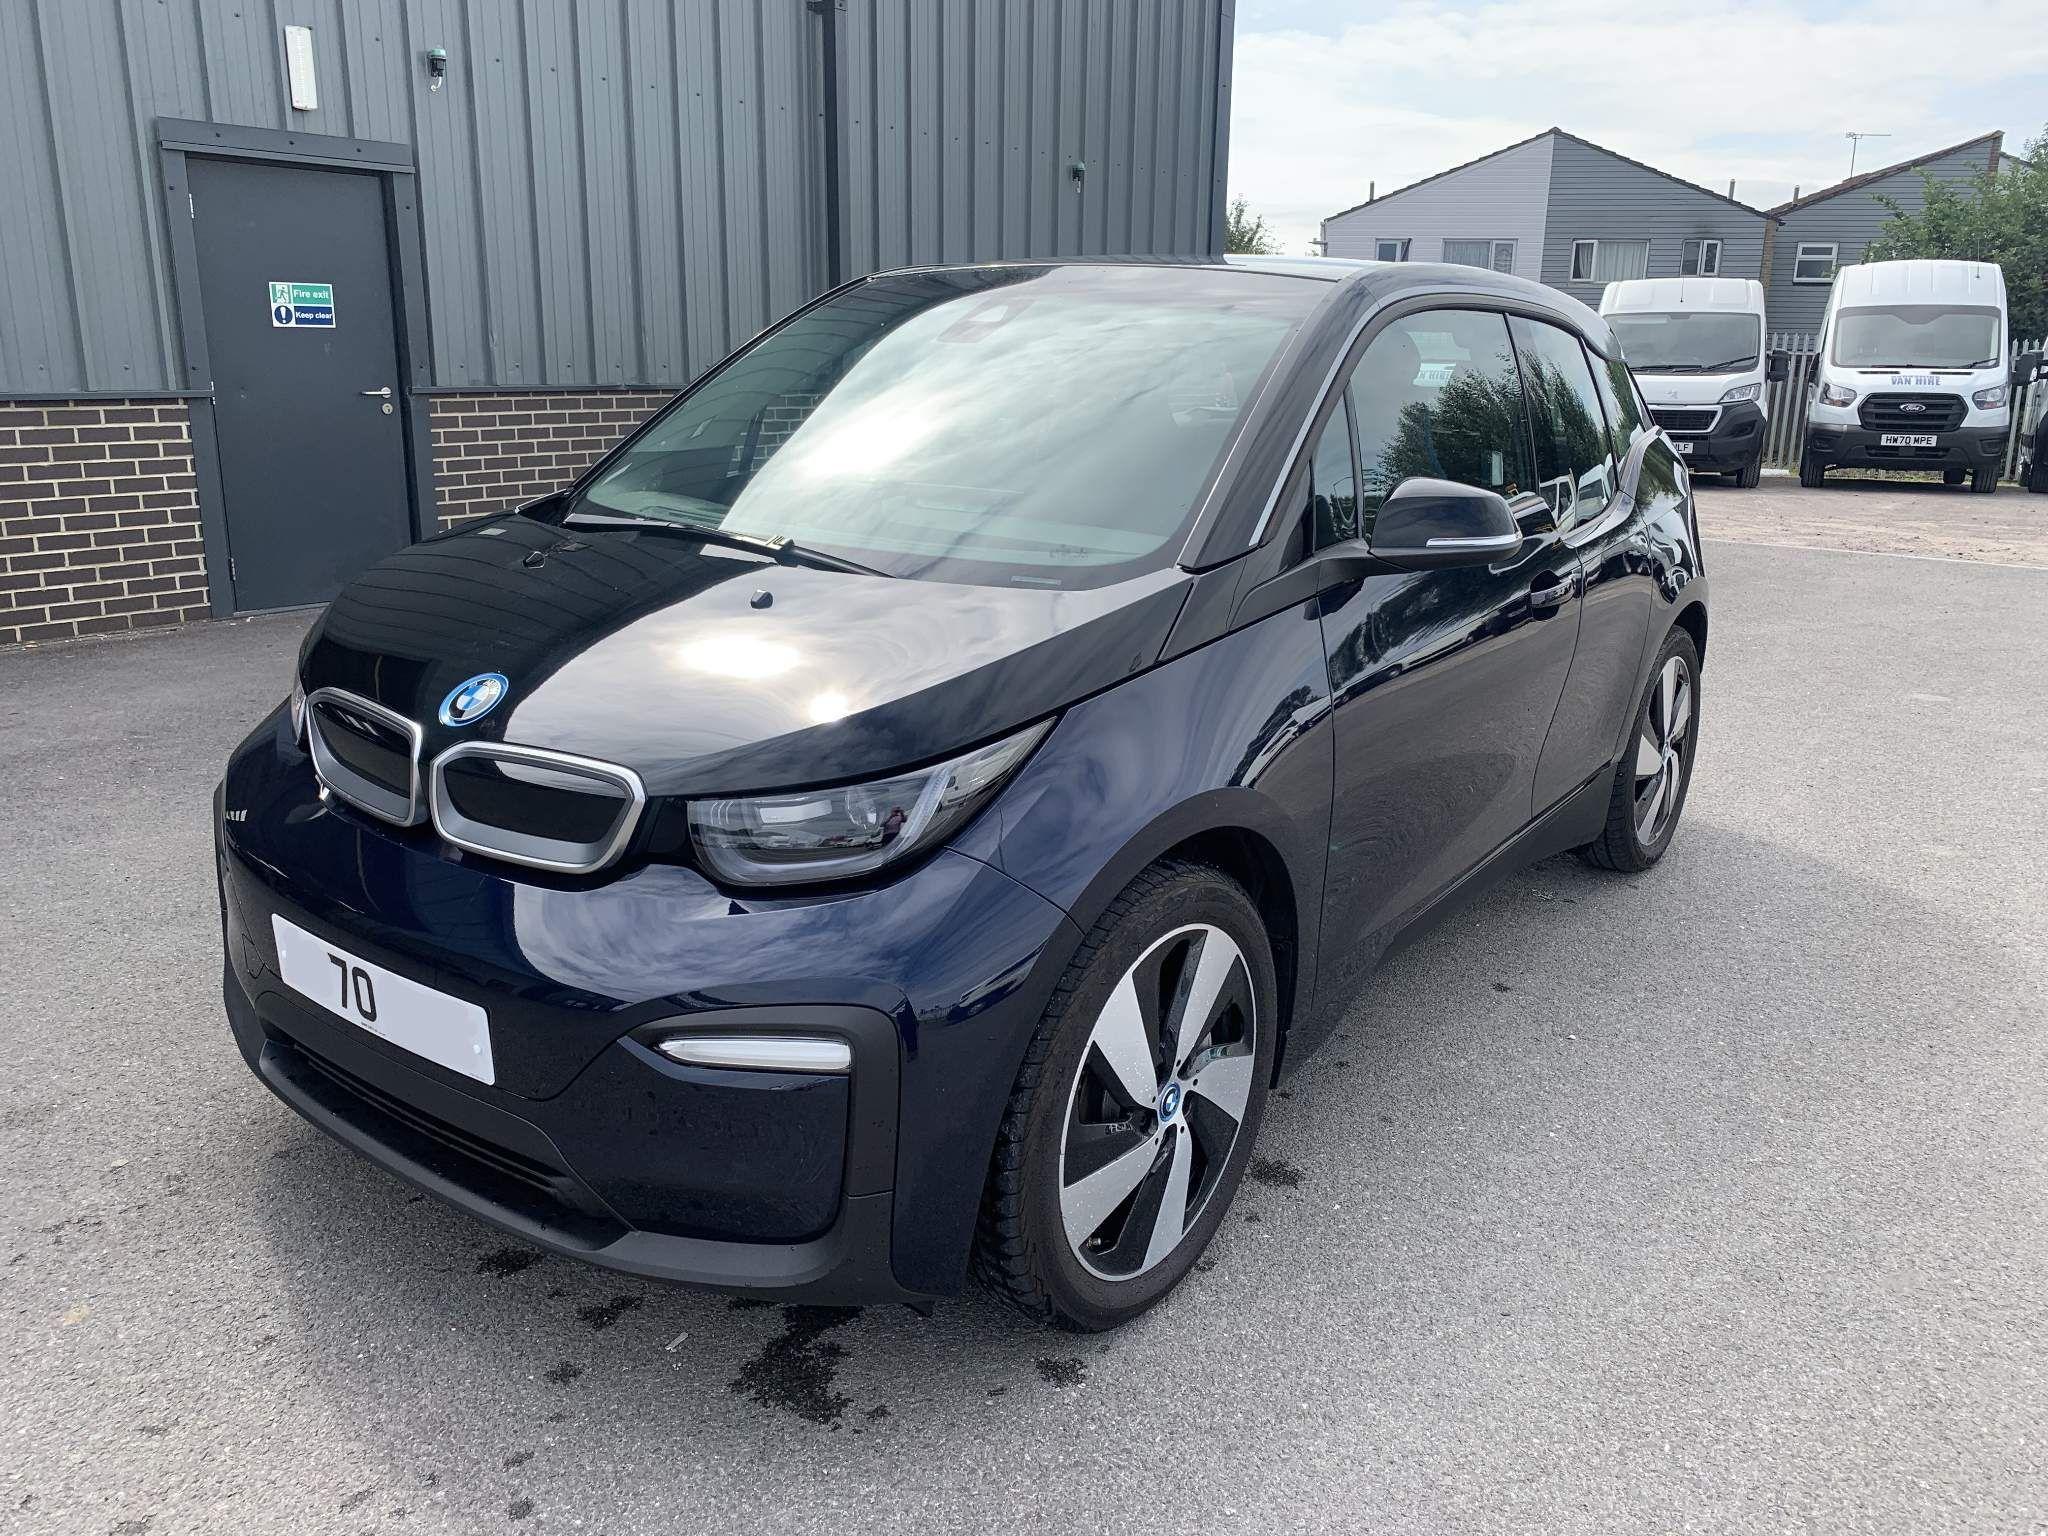 BMWi3 42.2kWh 5 door42.2kWh 5 door For Sale